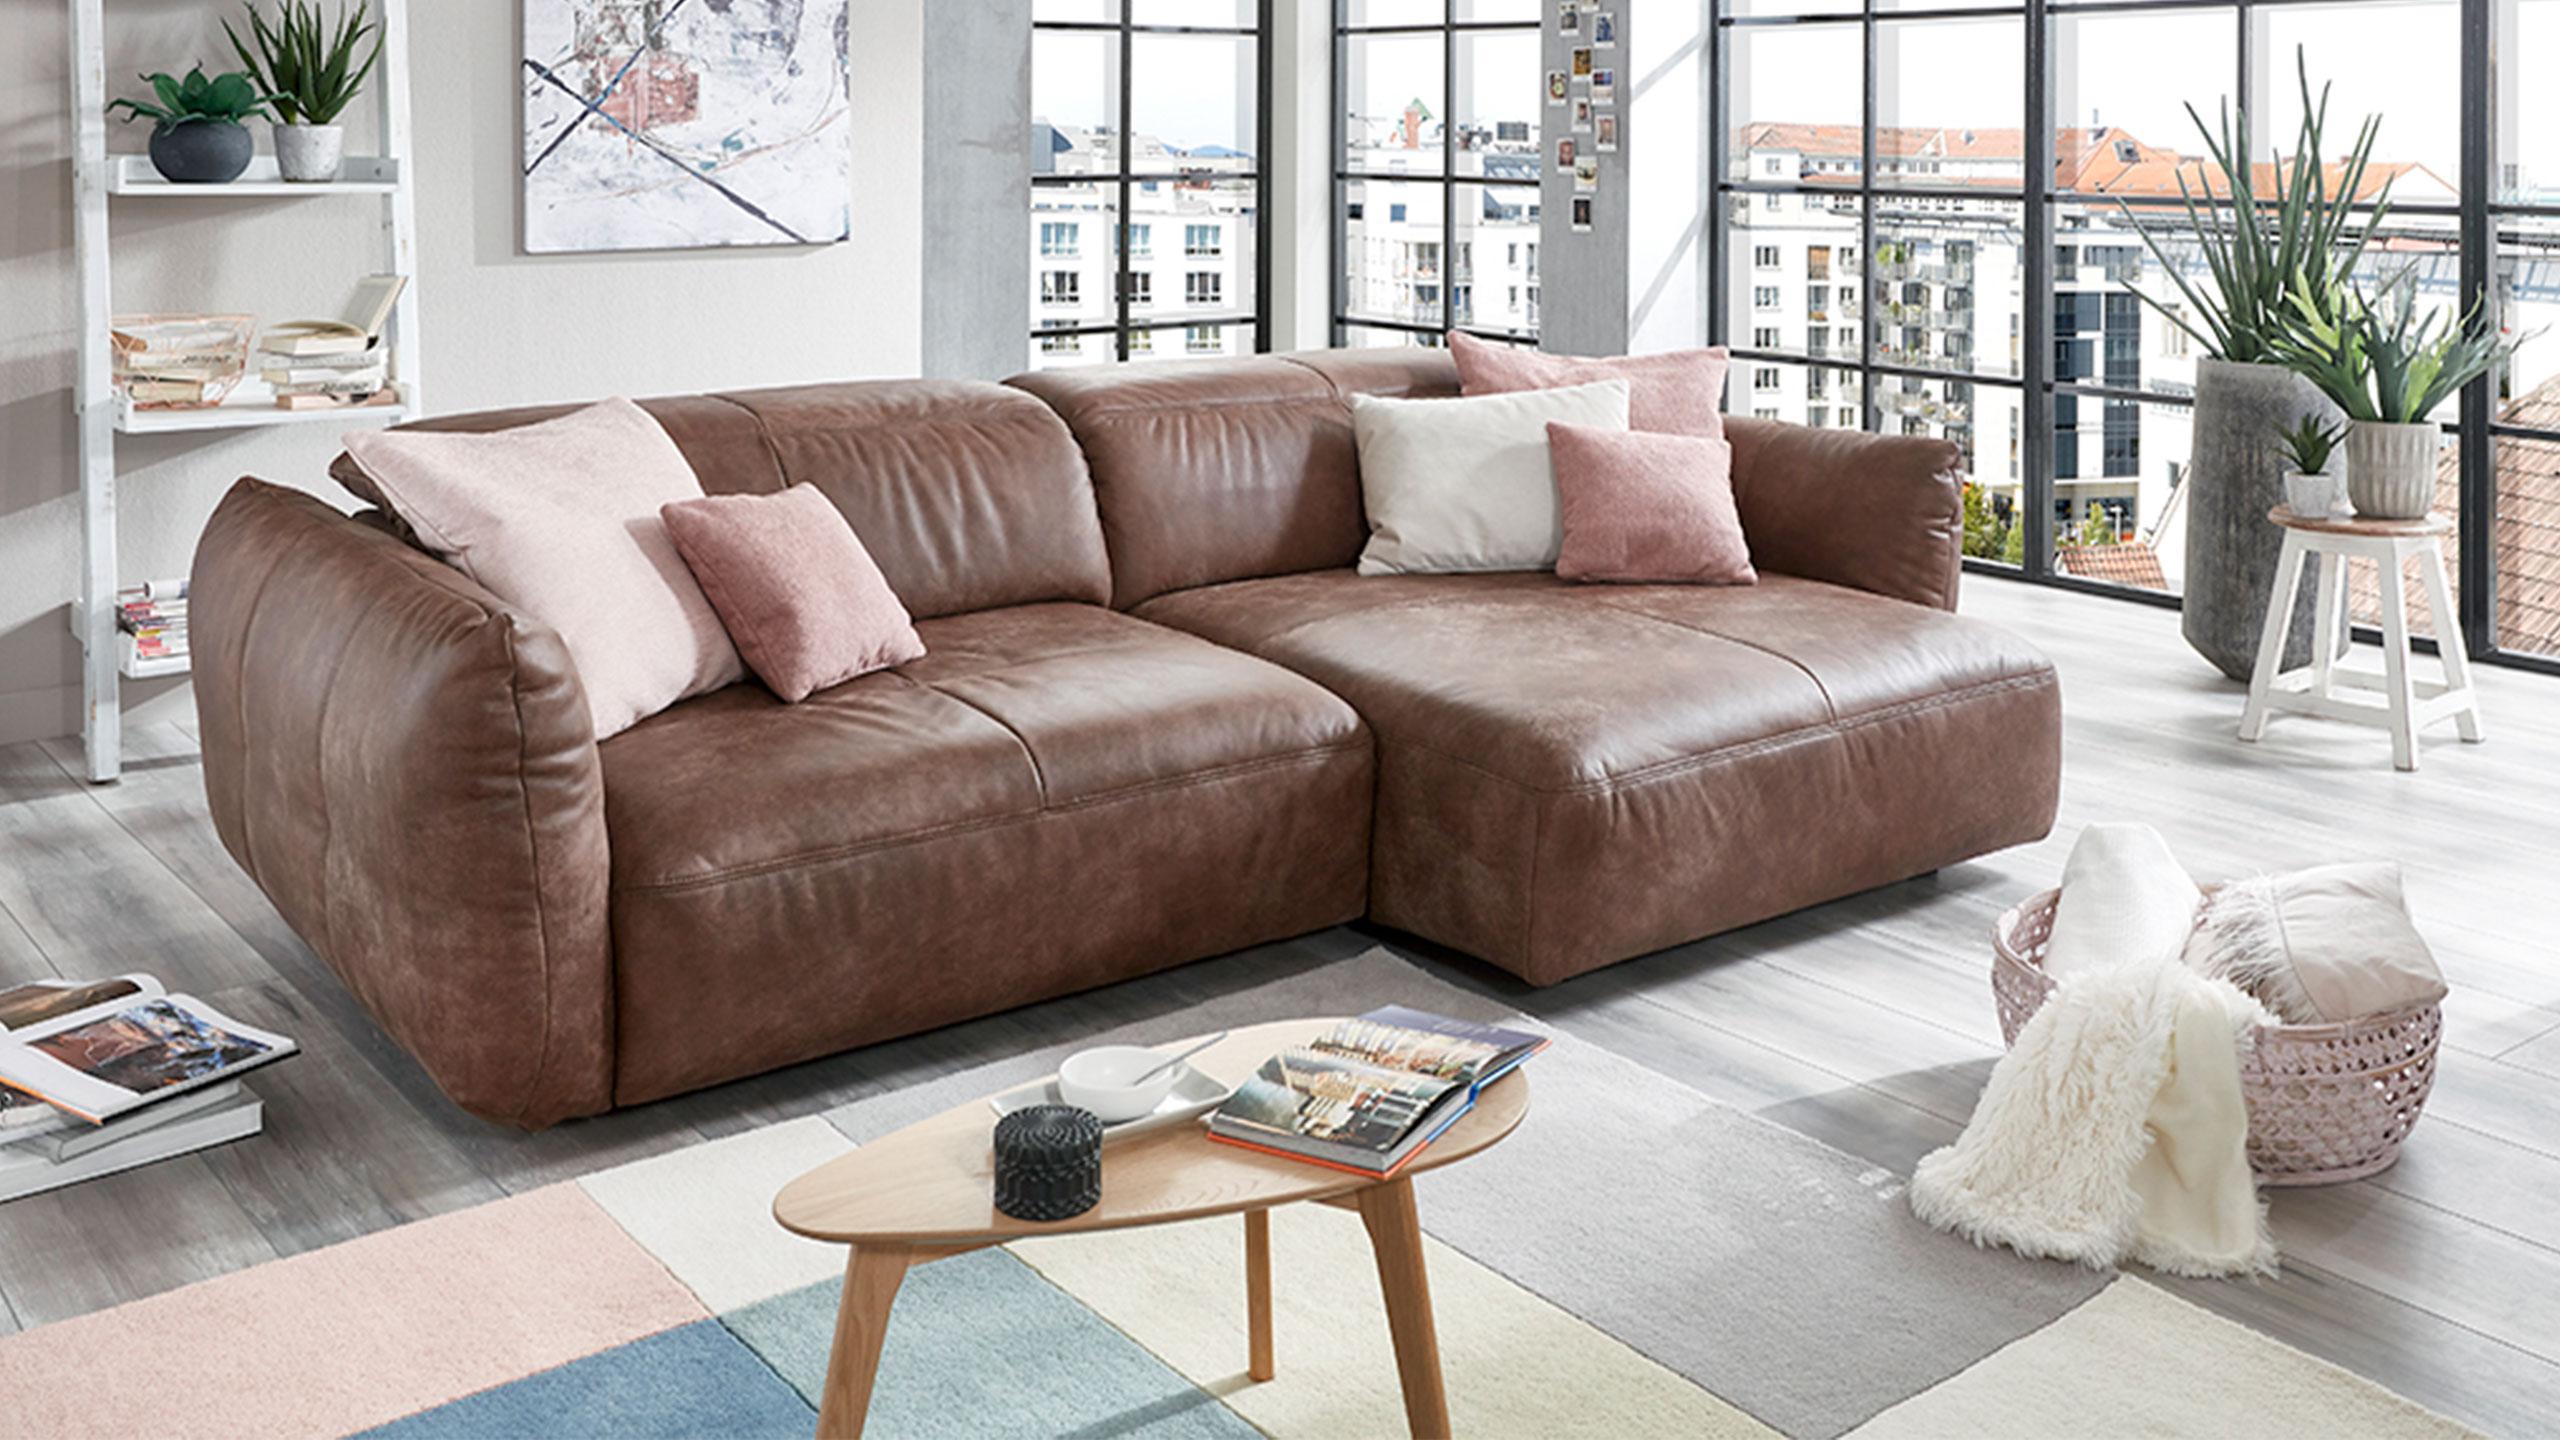 reno ecksofa leder braun ecksofas sortiment multipolster. Black Bedroom Furniture Sets. Home Design Ideas